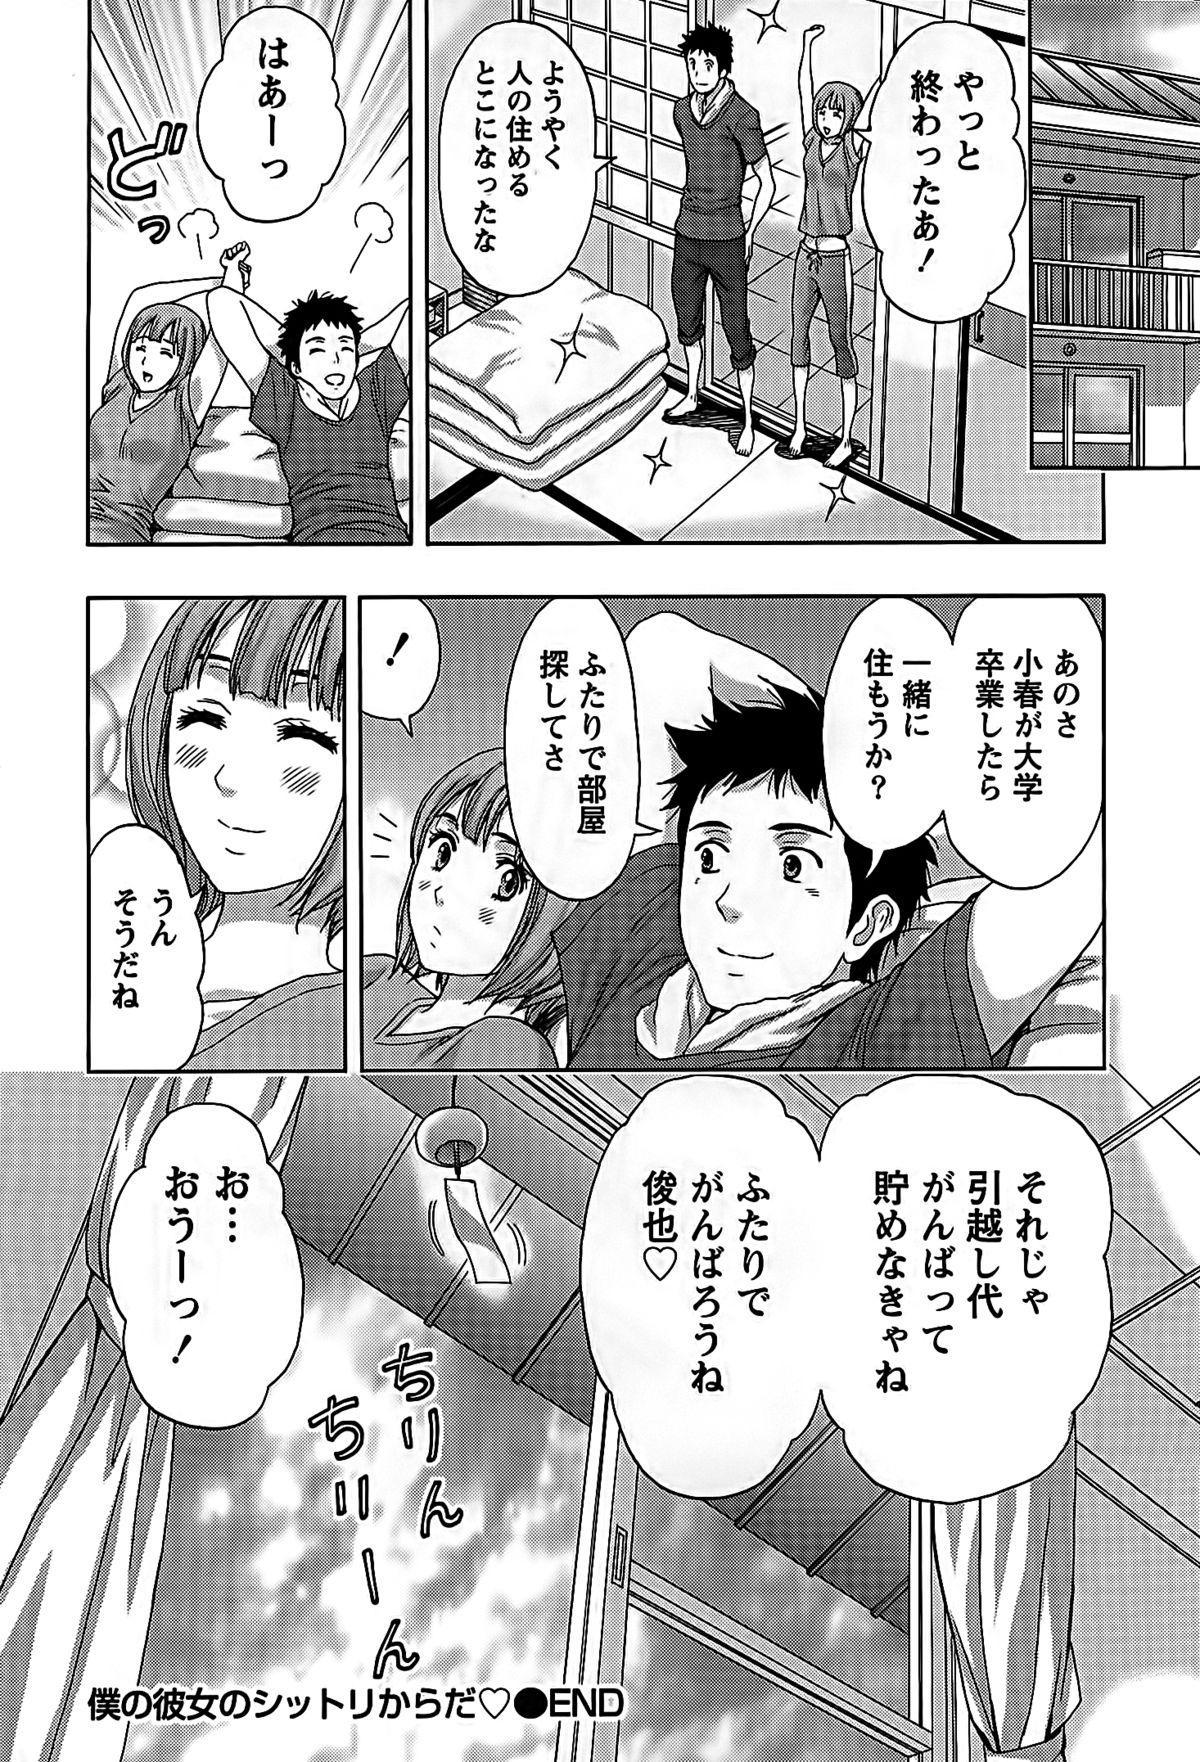 Shittori Lady to Amai Mitsu 192